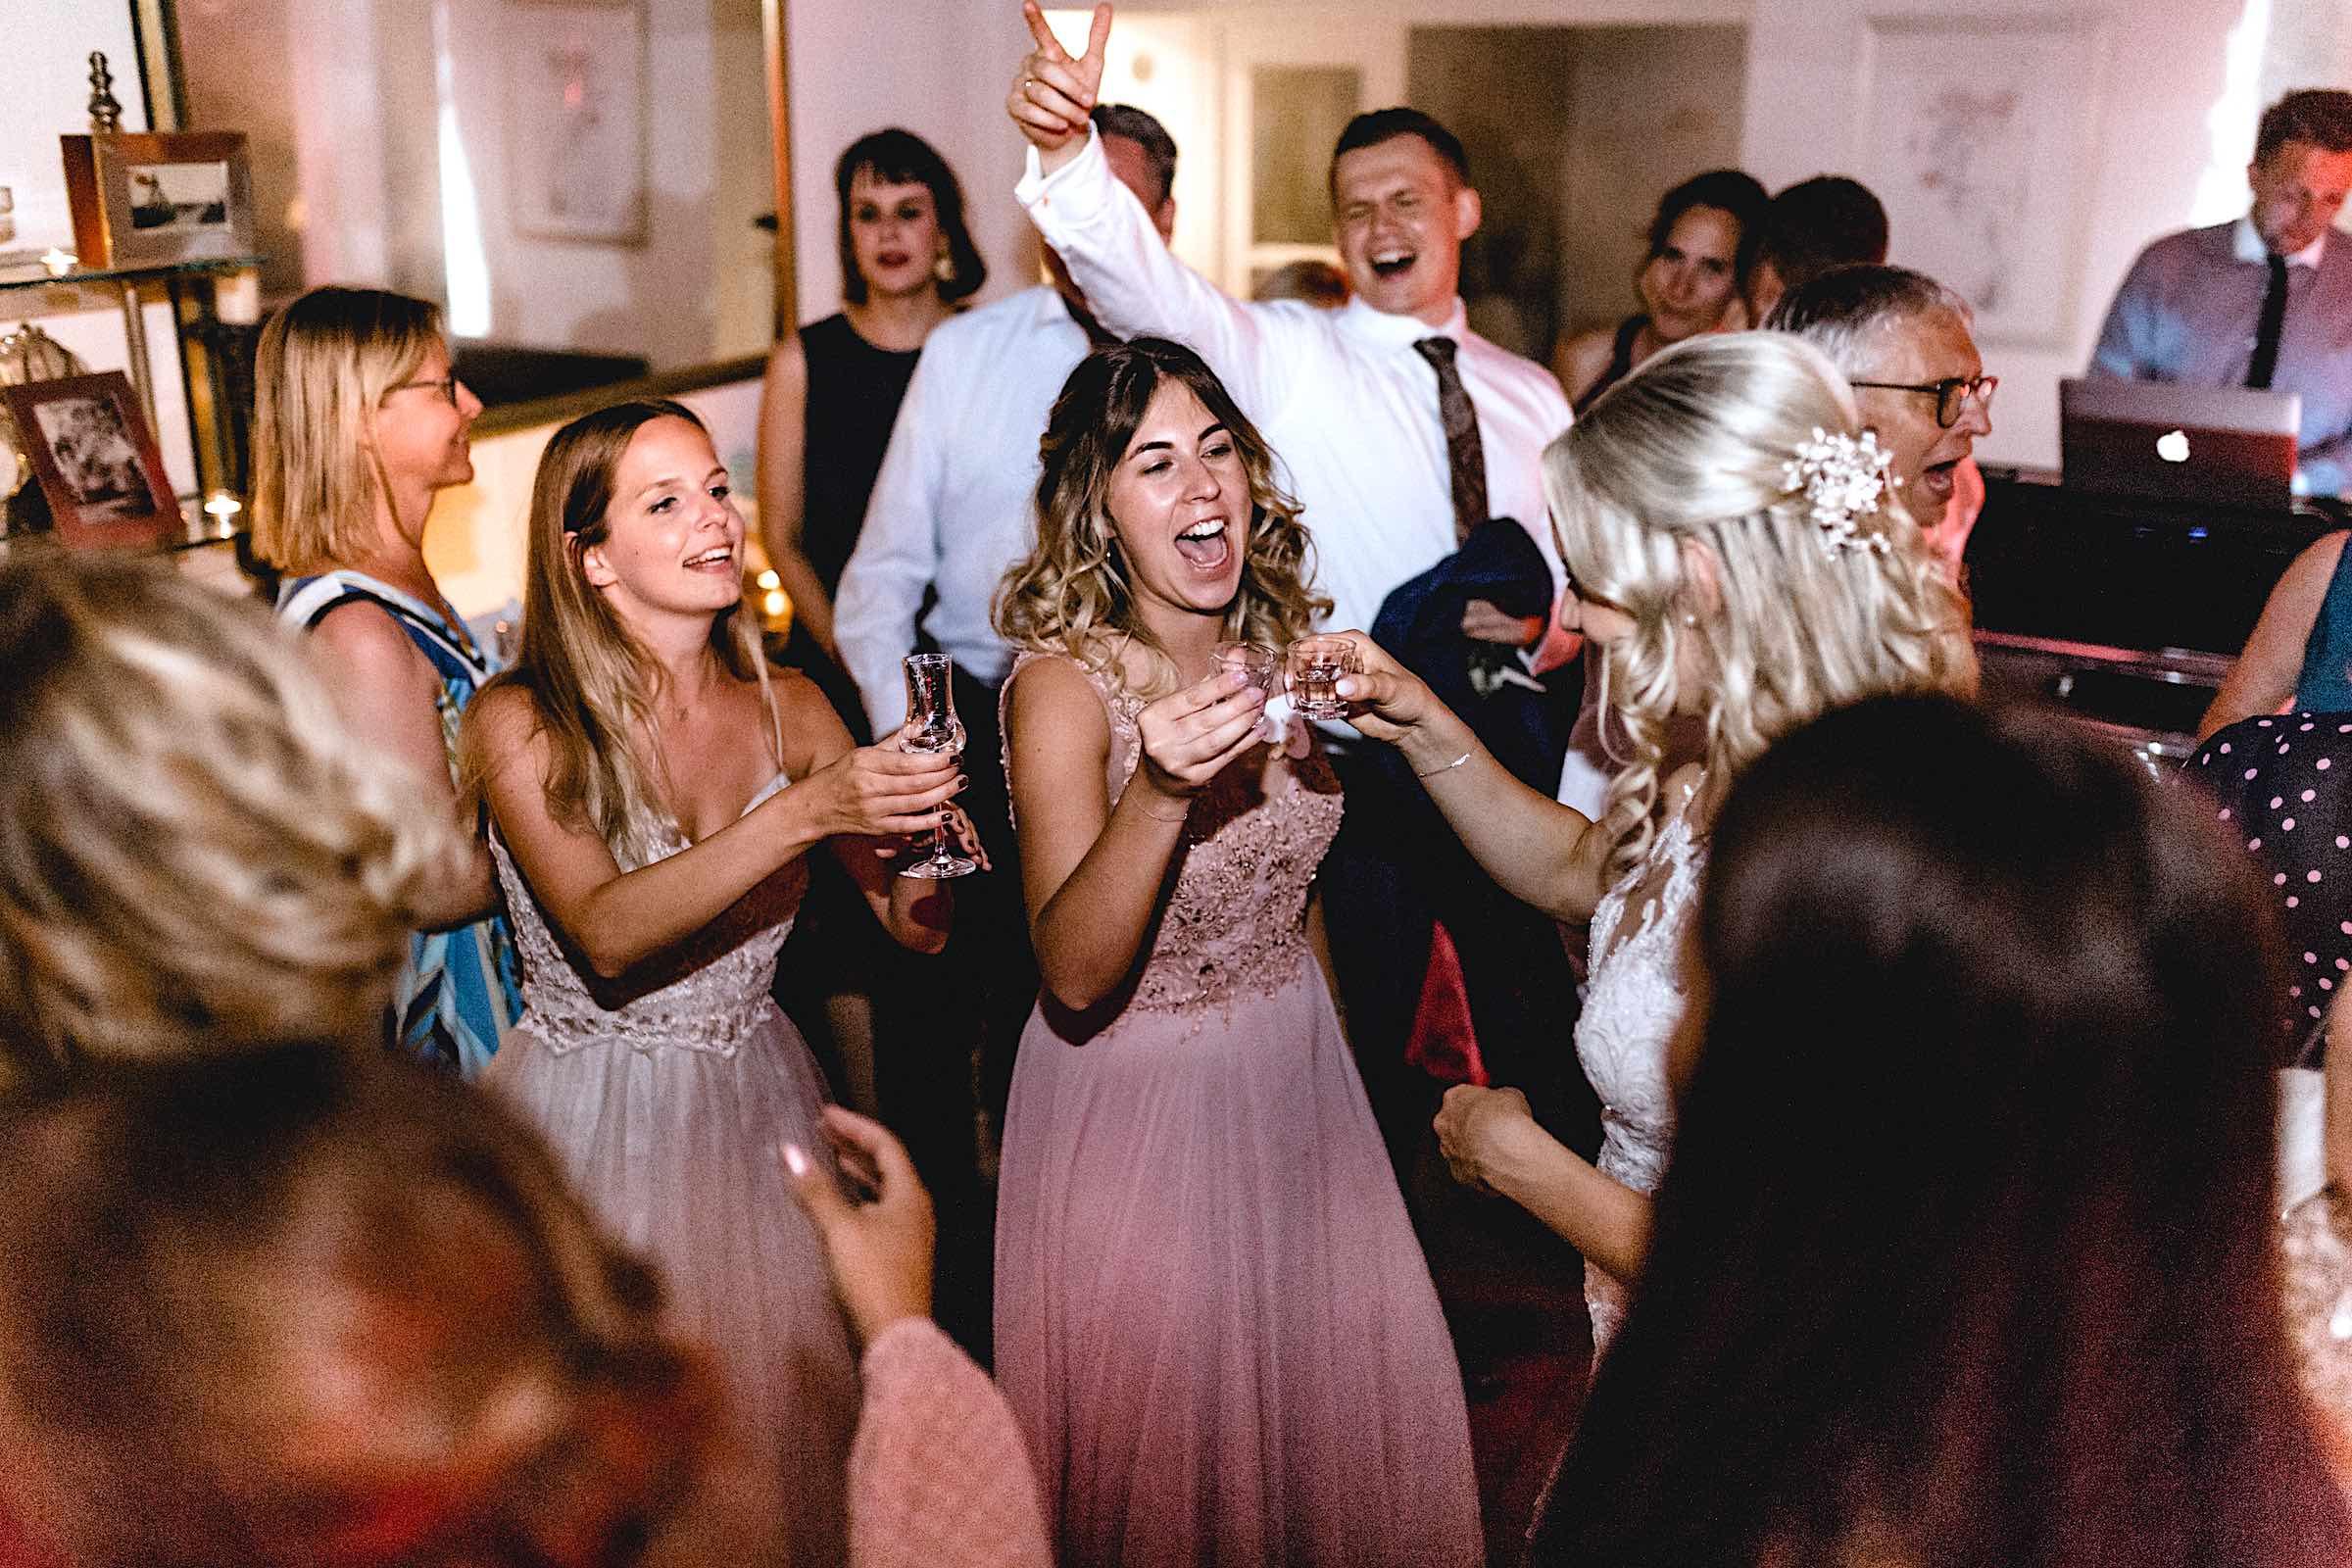 Dj | Hannover | Hochzeit | DJ | Buchen | Hannover | Hameln | Braunschweig | DJ | Geburtstag | DJ | Betriebsfeier | DJ | Buchen | Discjockey | Mieten | DJ | Agentur | DJ | Timm | Lehmann | Eventservice